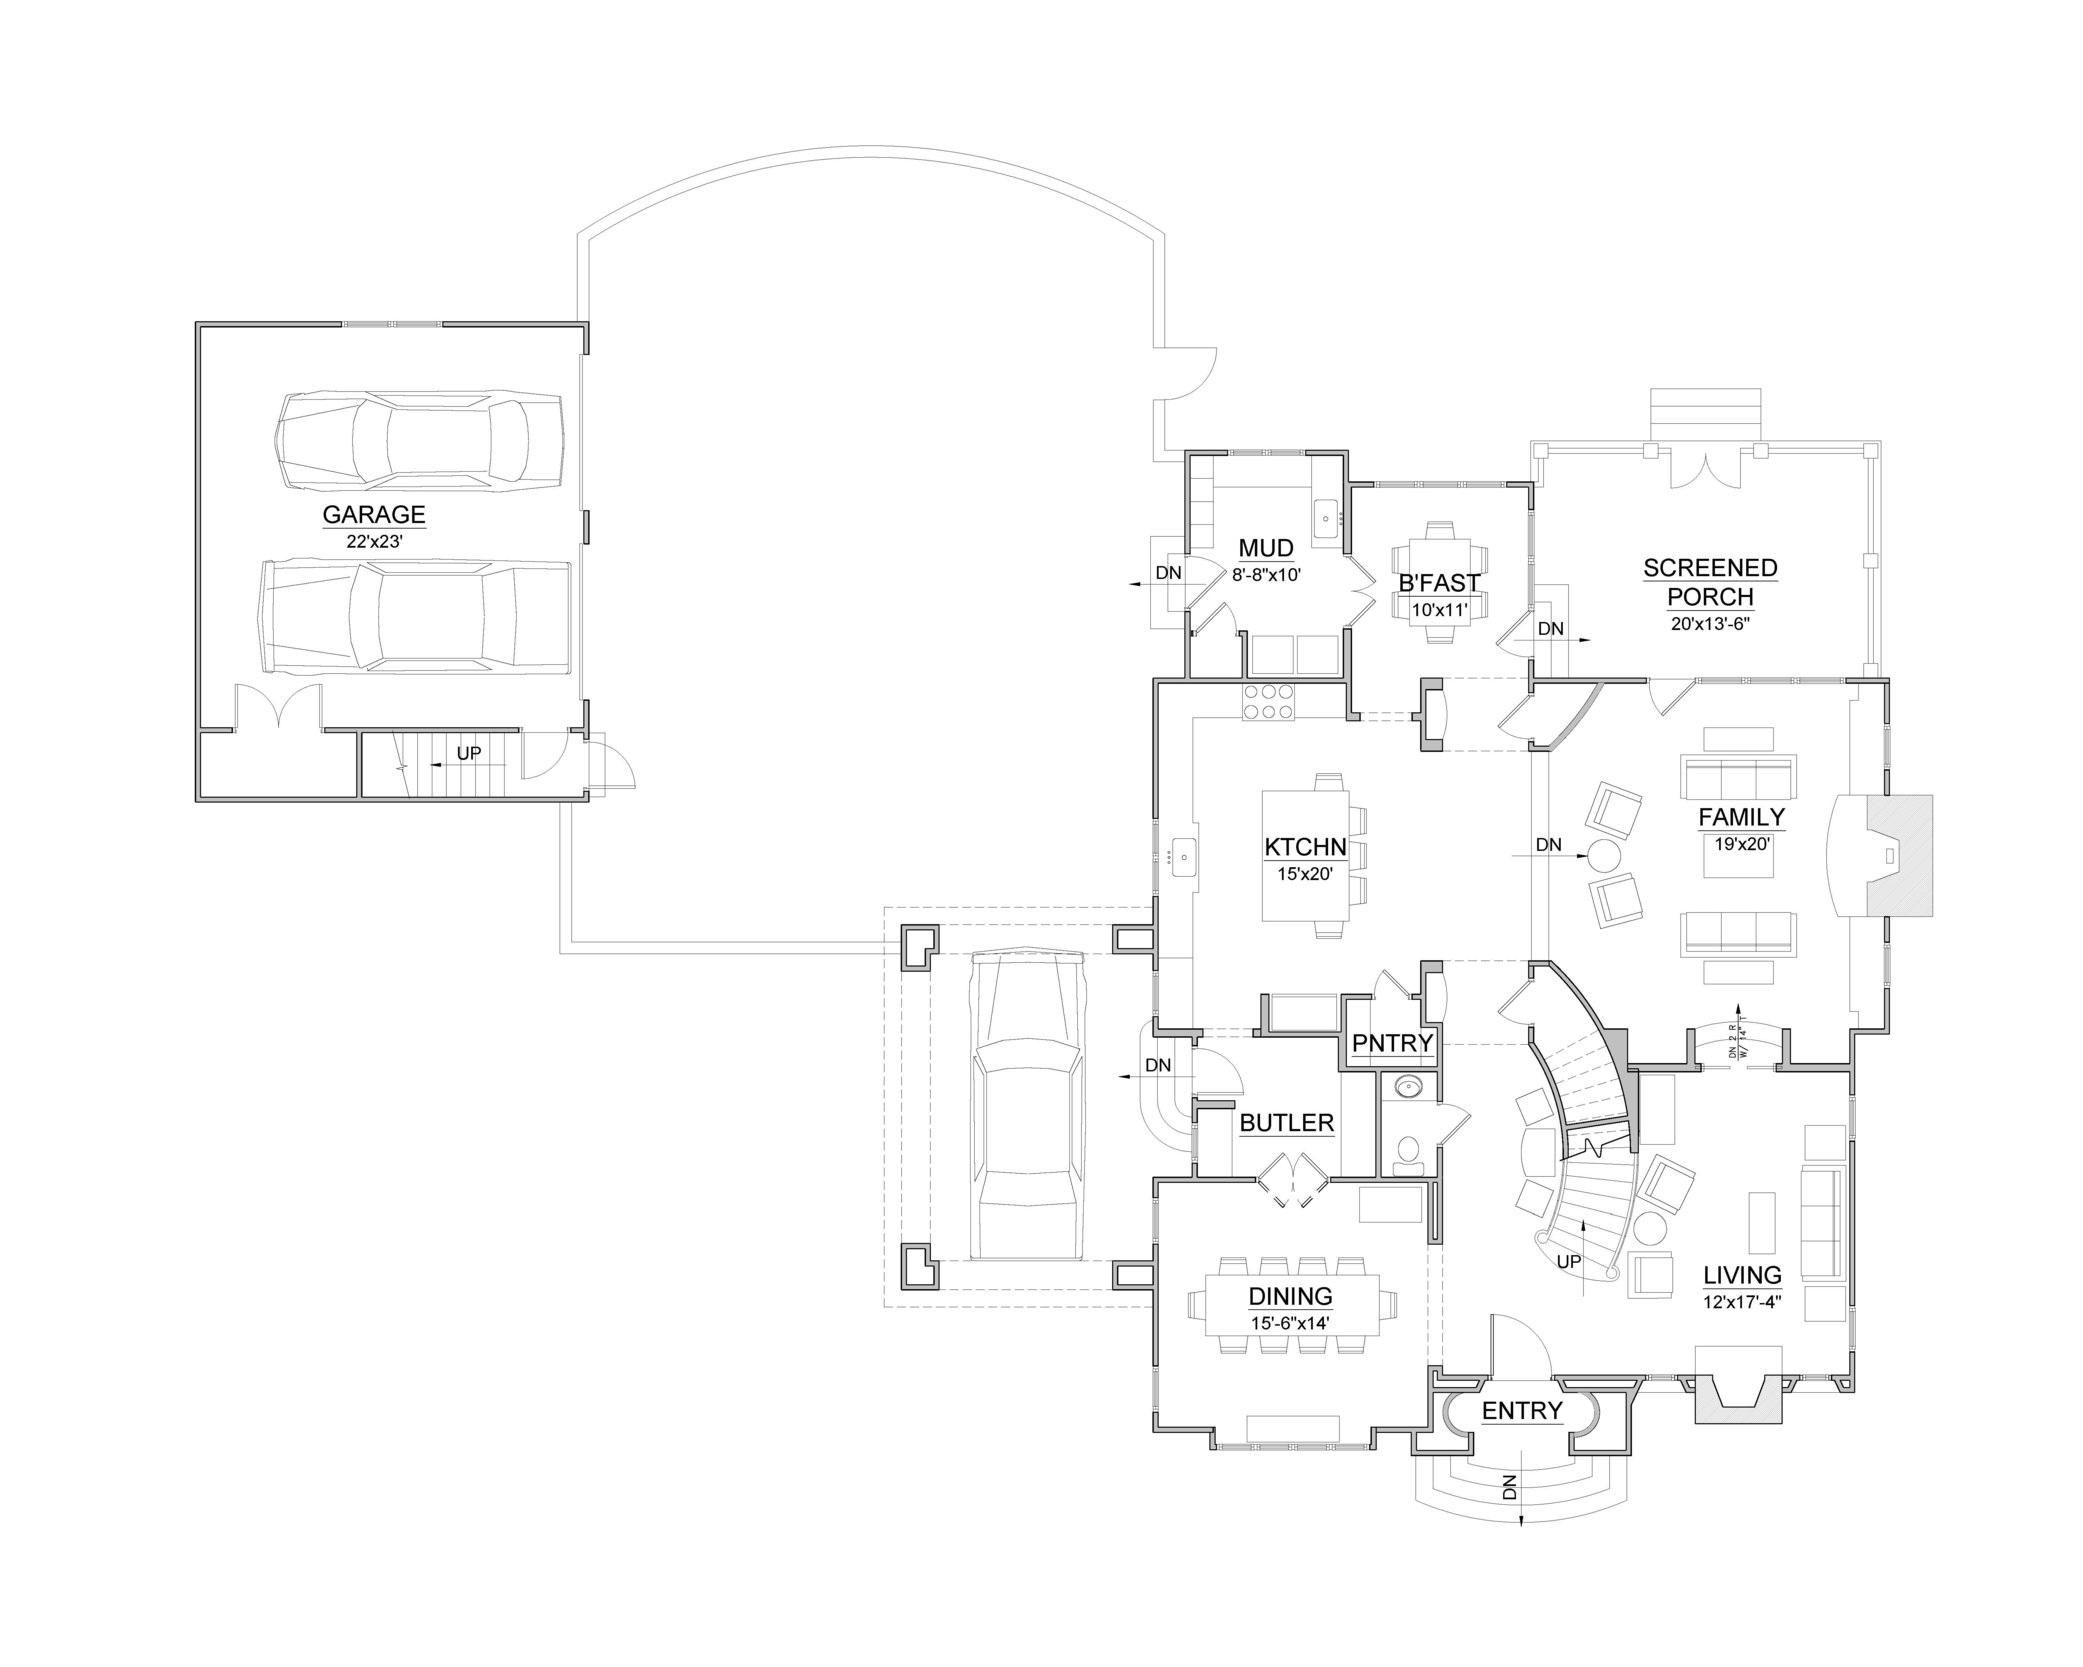 Church_First Floor.jpg